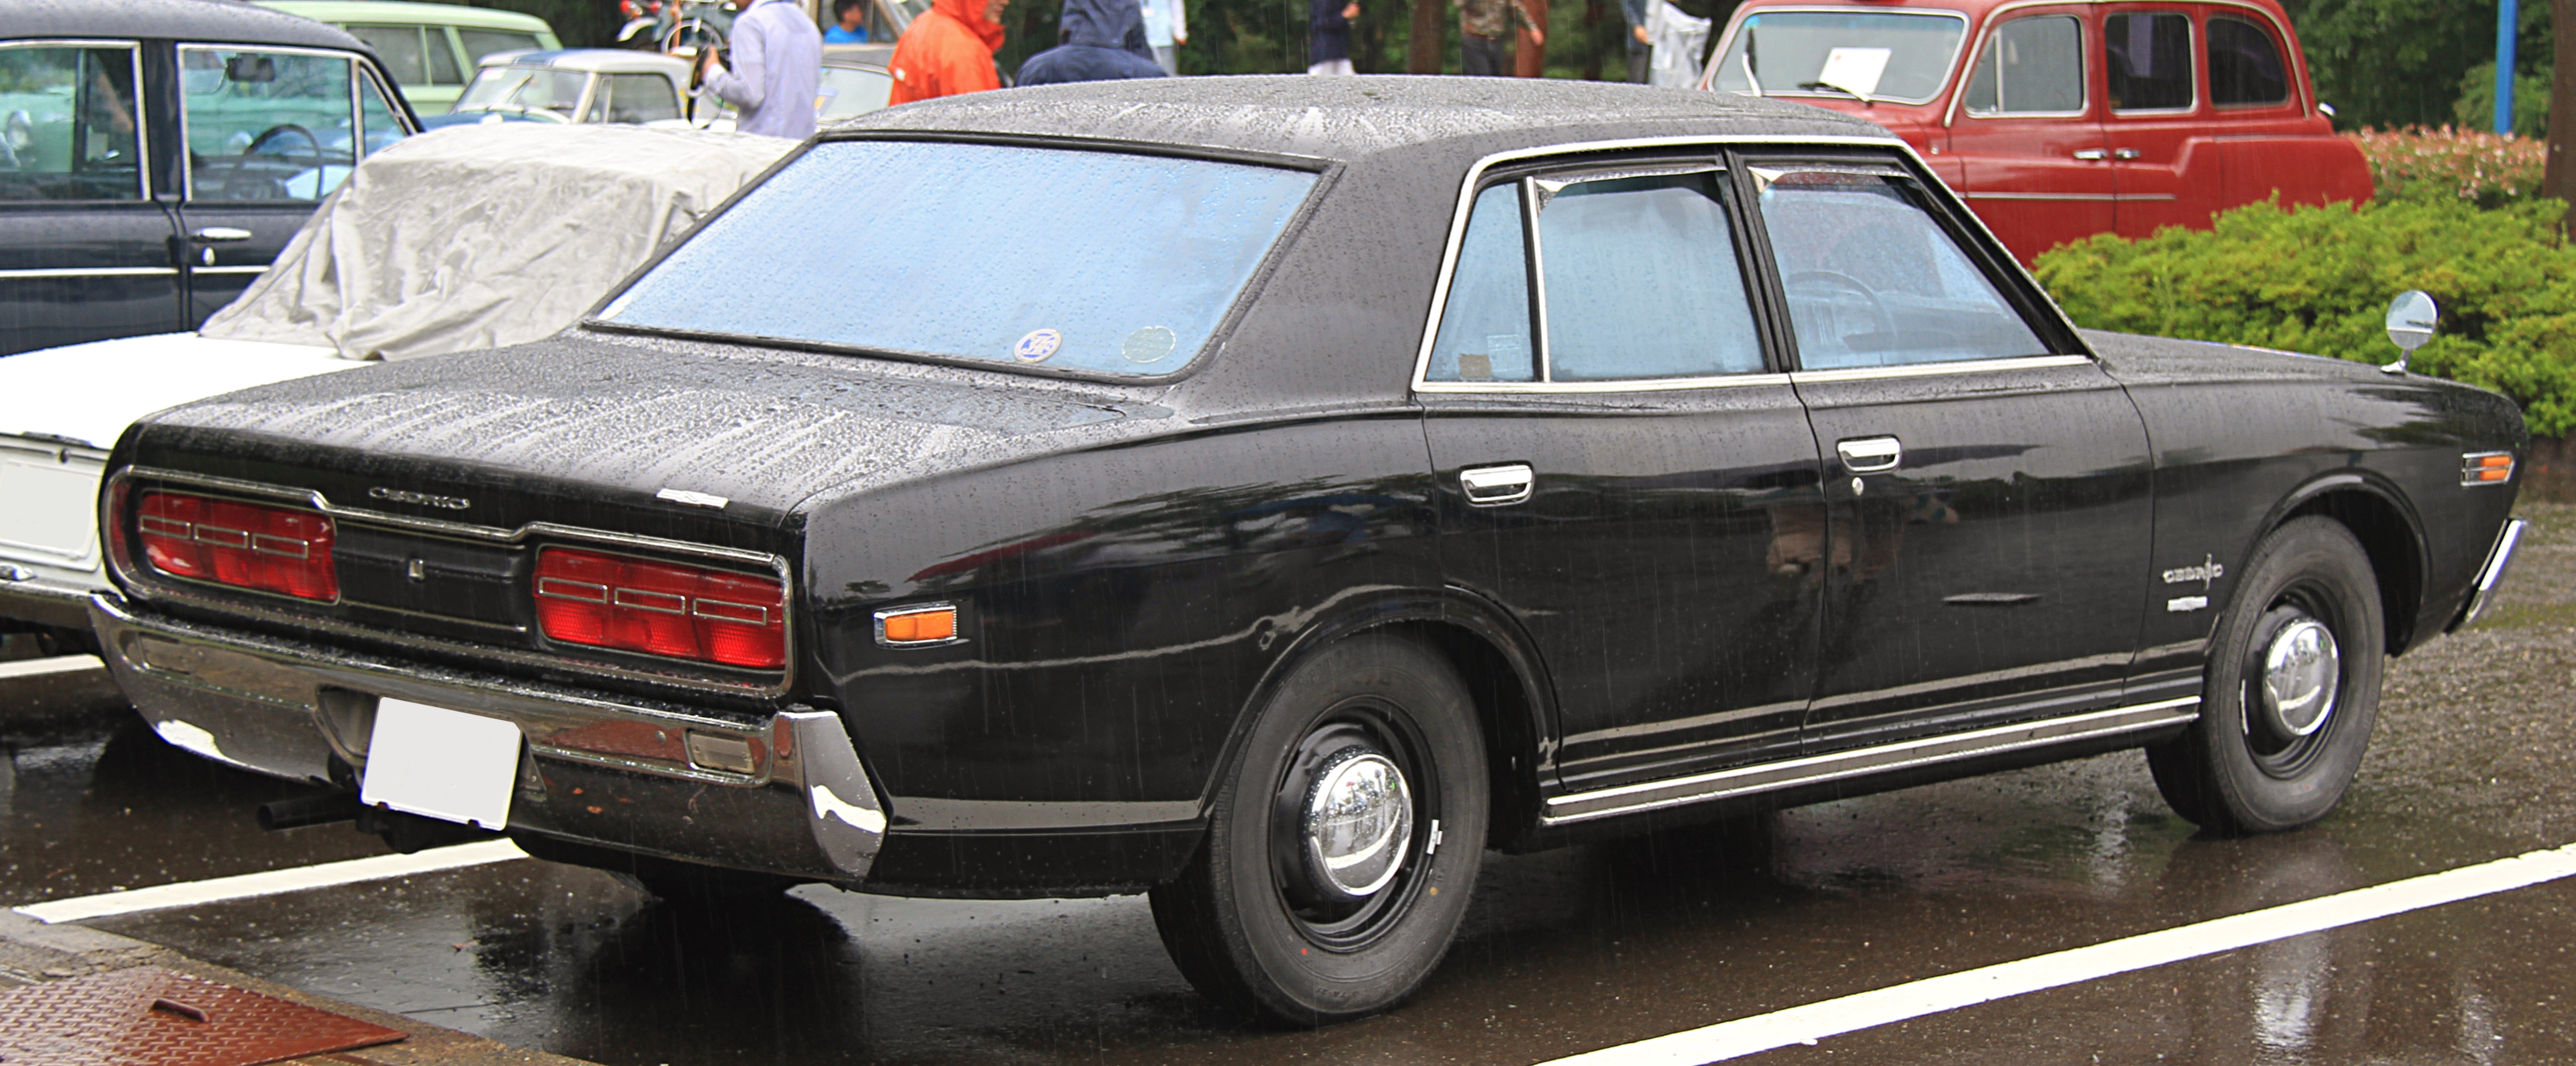 Nissan Gloria IV (230) 1971 - 1975 Sedan #2